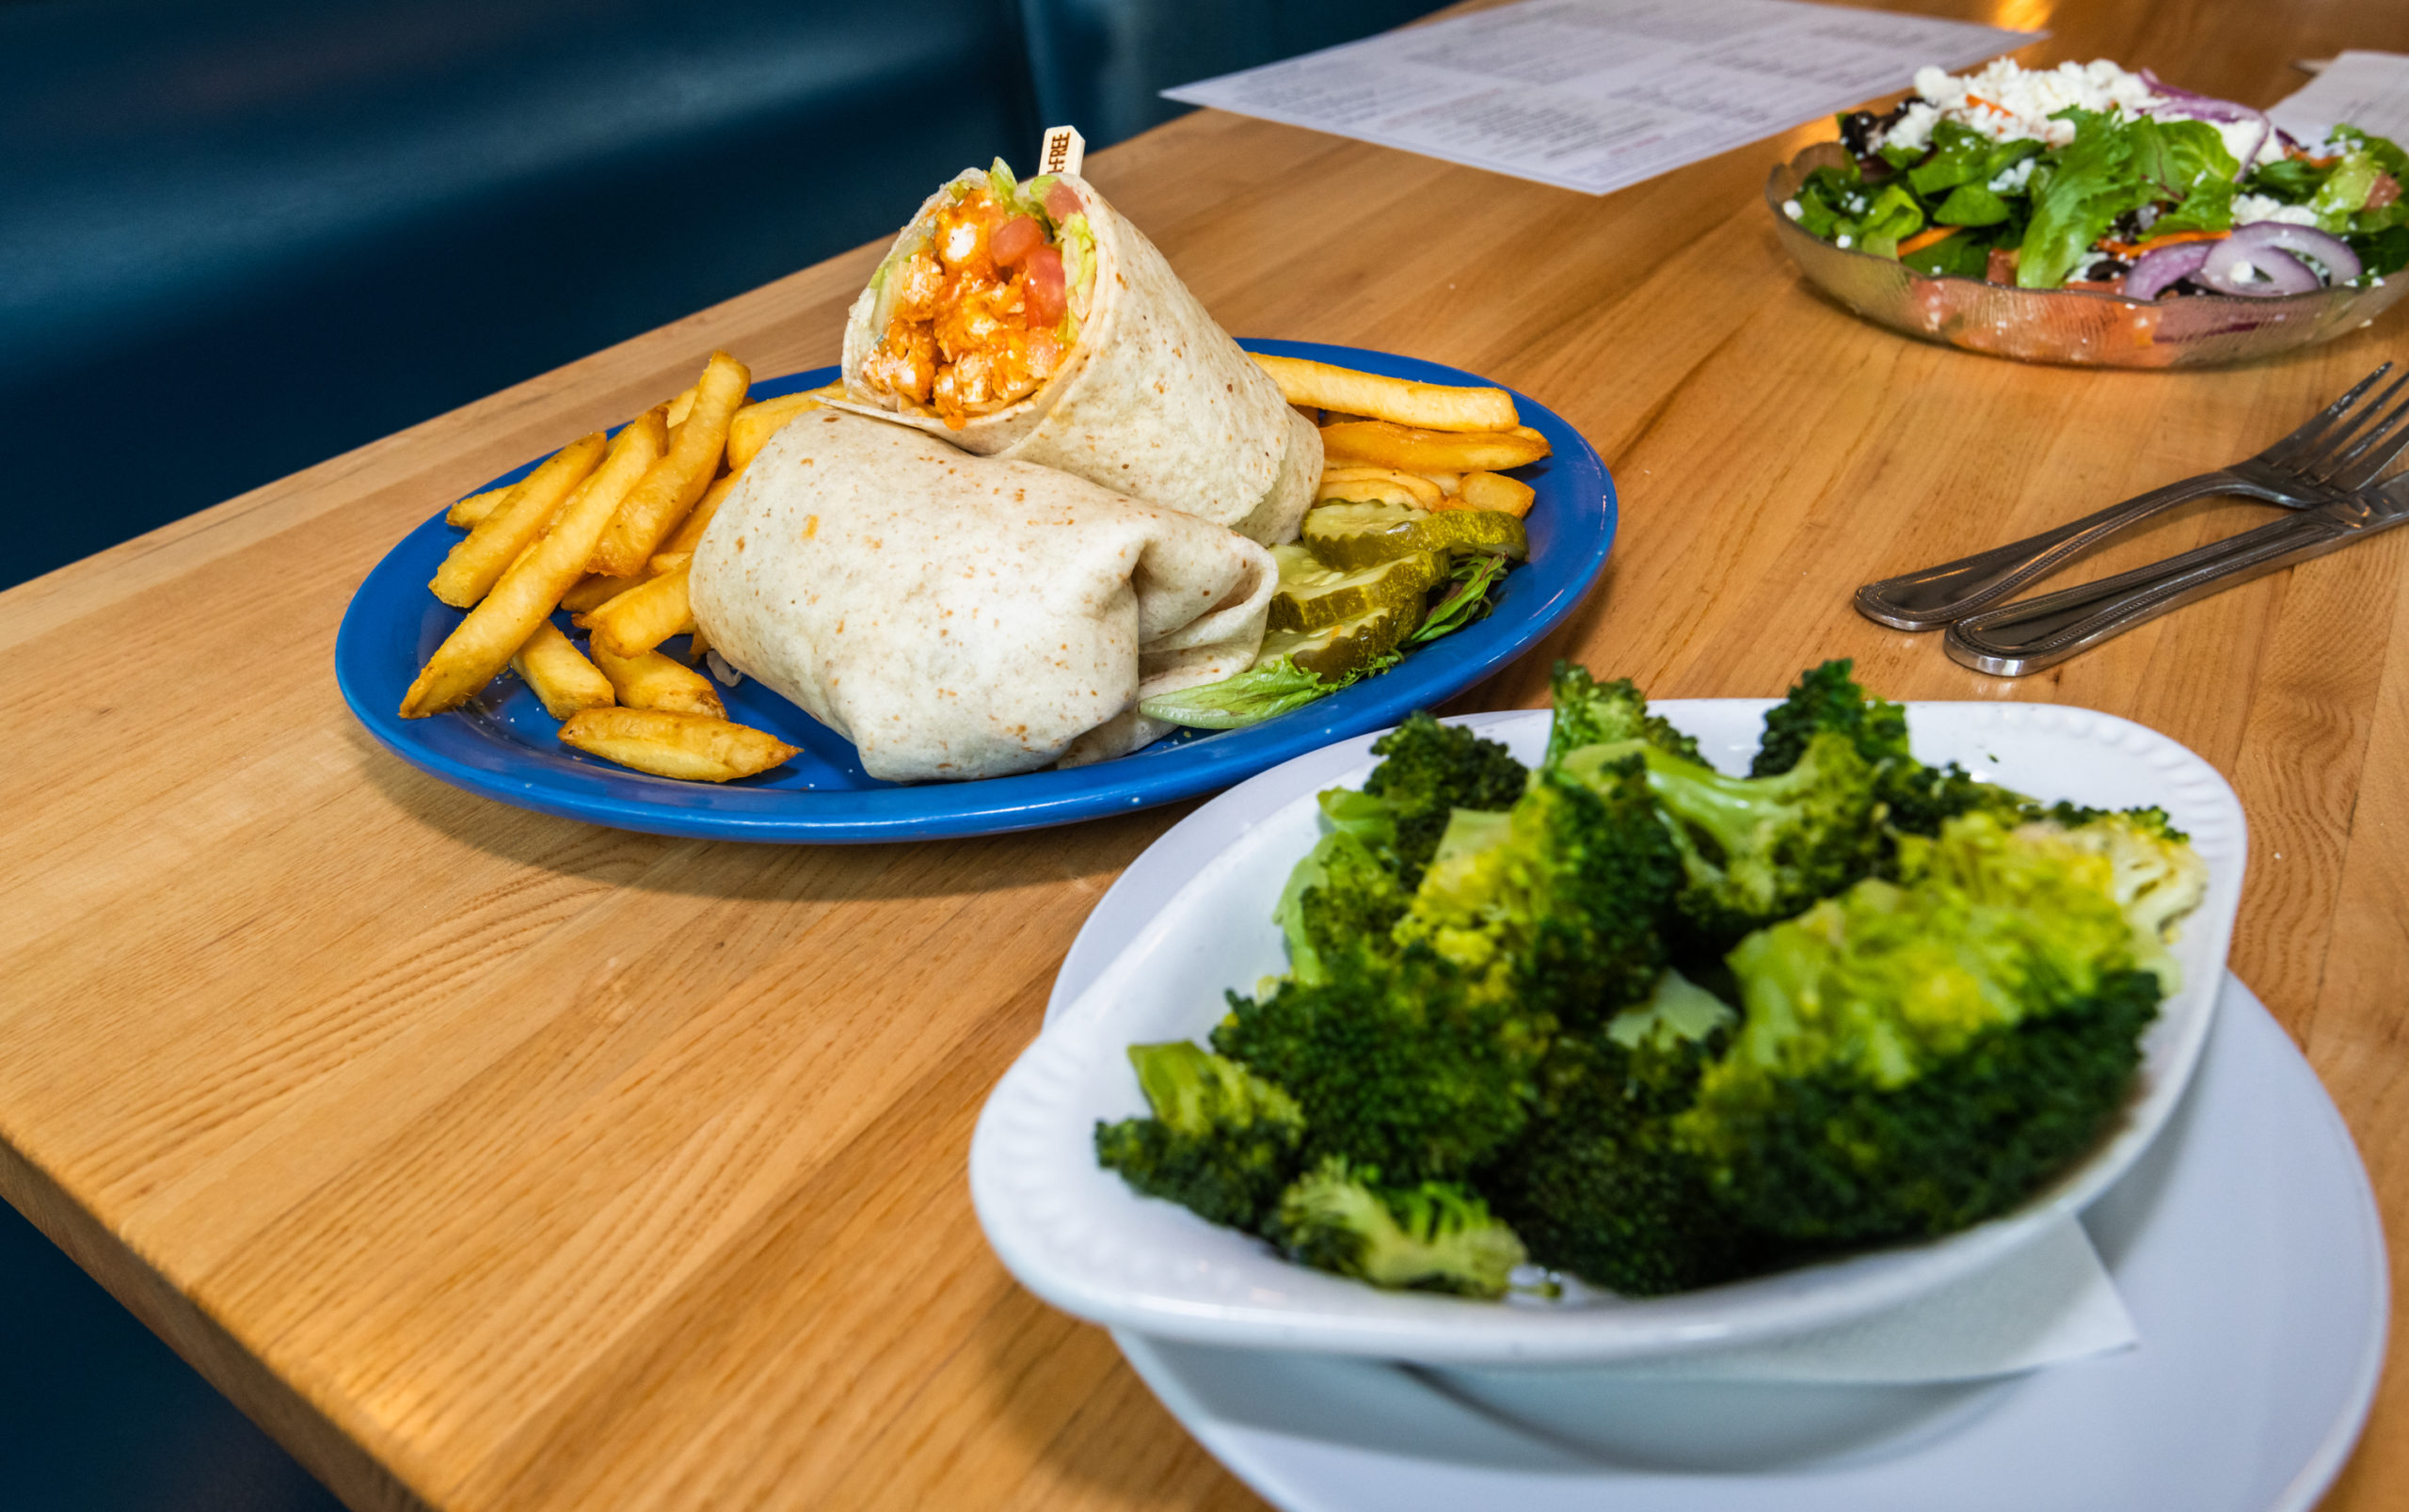 full gluten free meal, the cabin restaurant middleboro